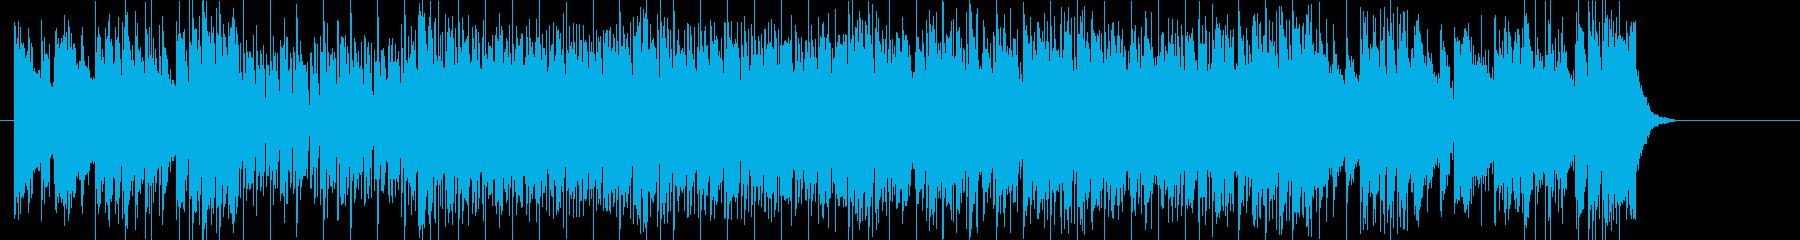 テーマ曲向けのはつらつとしたフュージョンの再生済みの波形